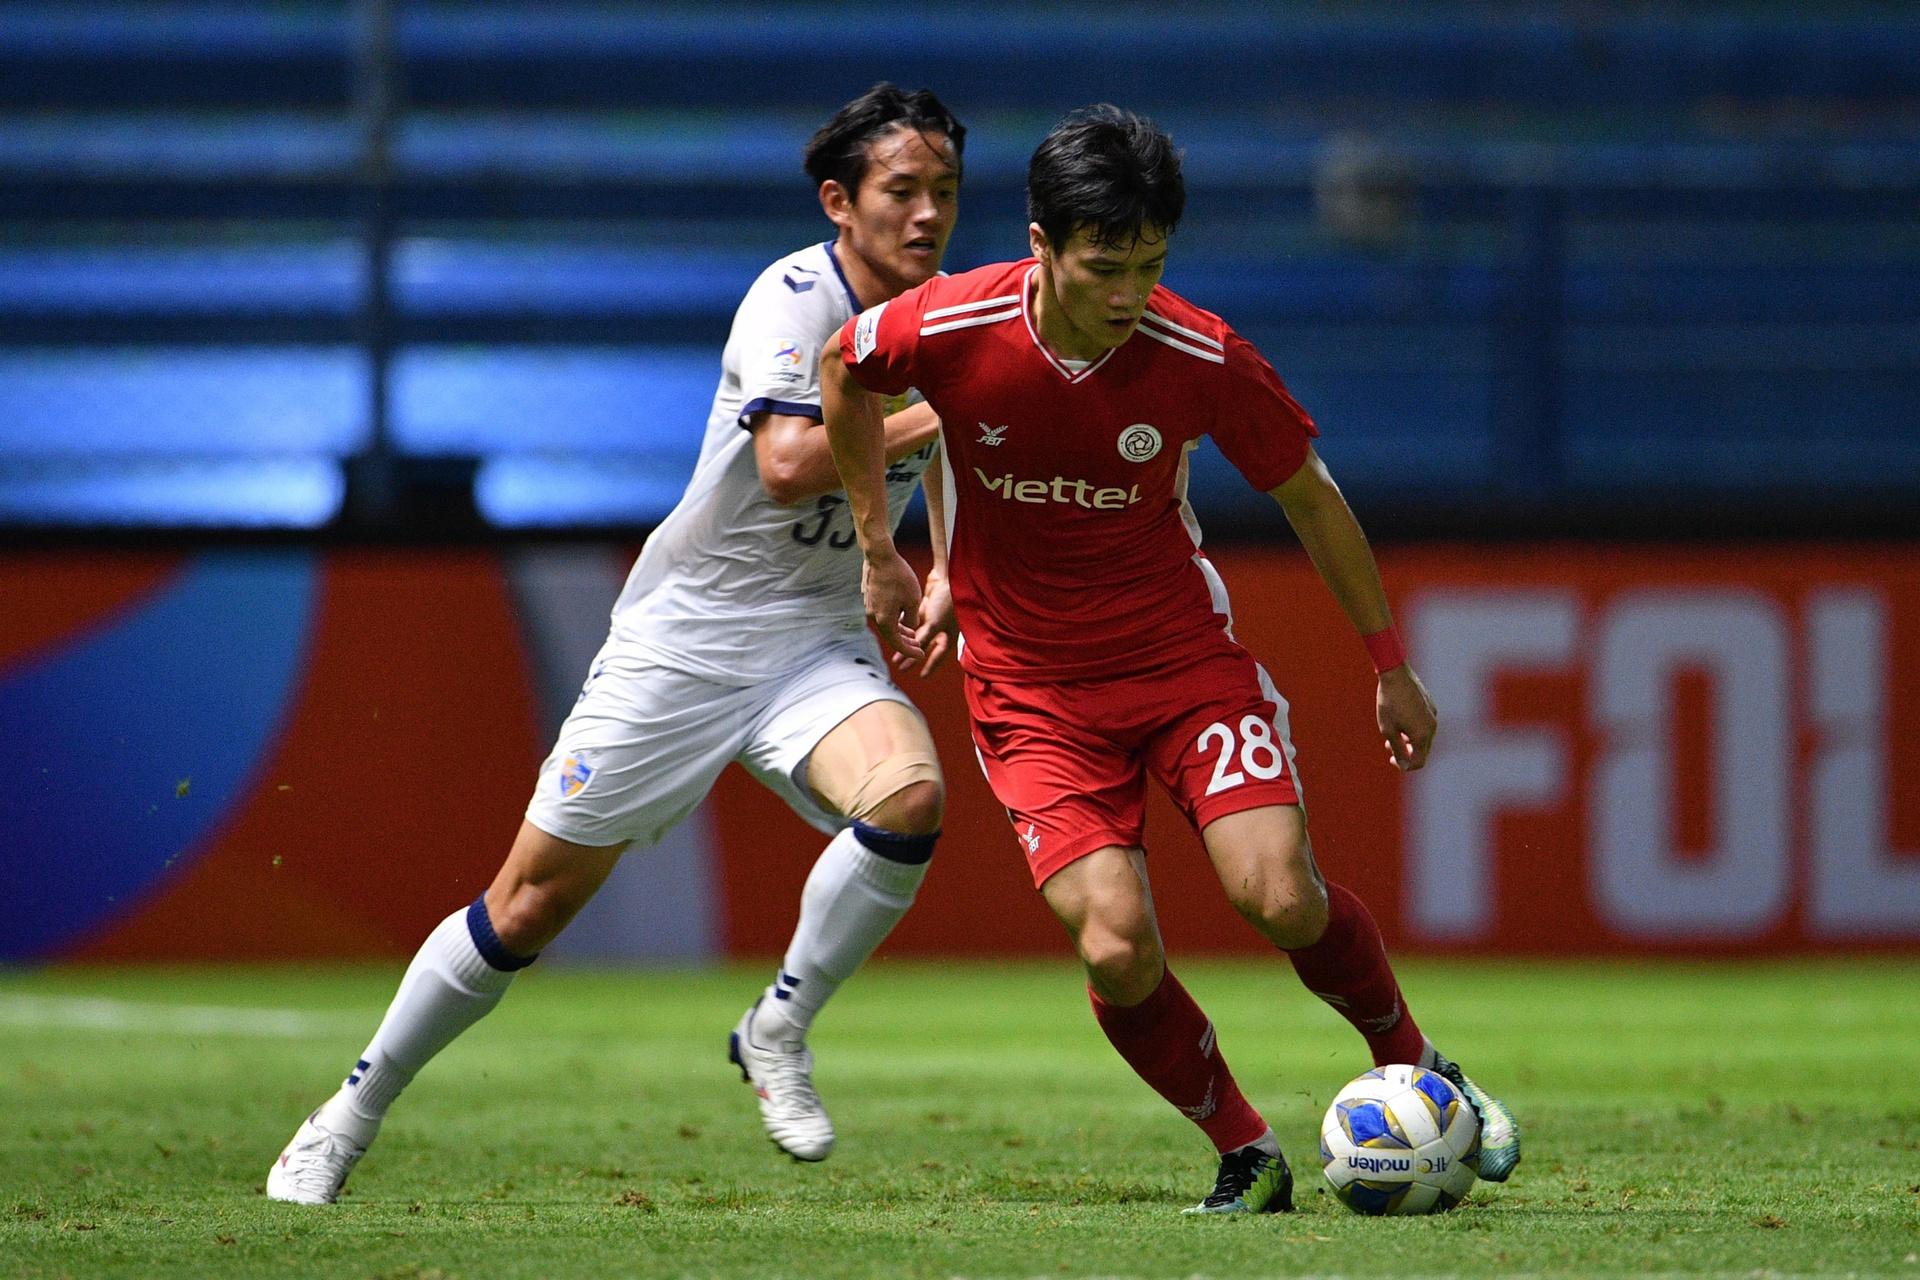 """Tin sáng (20/9): Quyết tâm có Hoàng Đức, CLB ở Thai-League cho đội trưởng """"ra rìa"""" - Ảnh 1."""